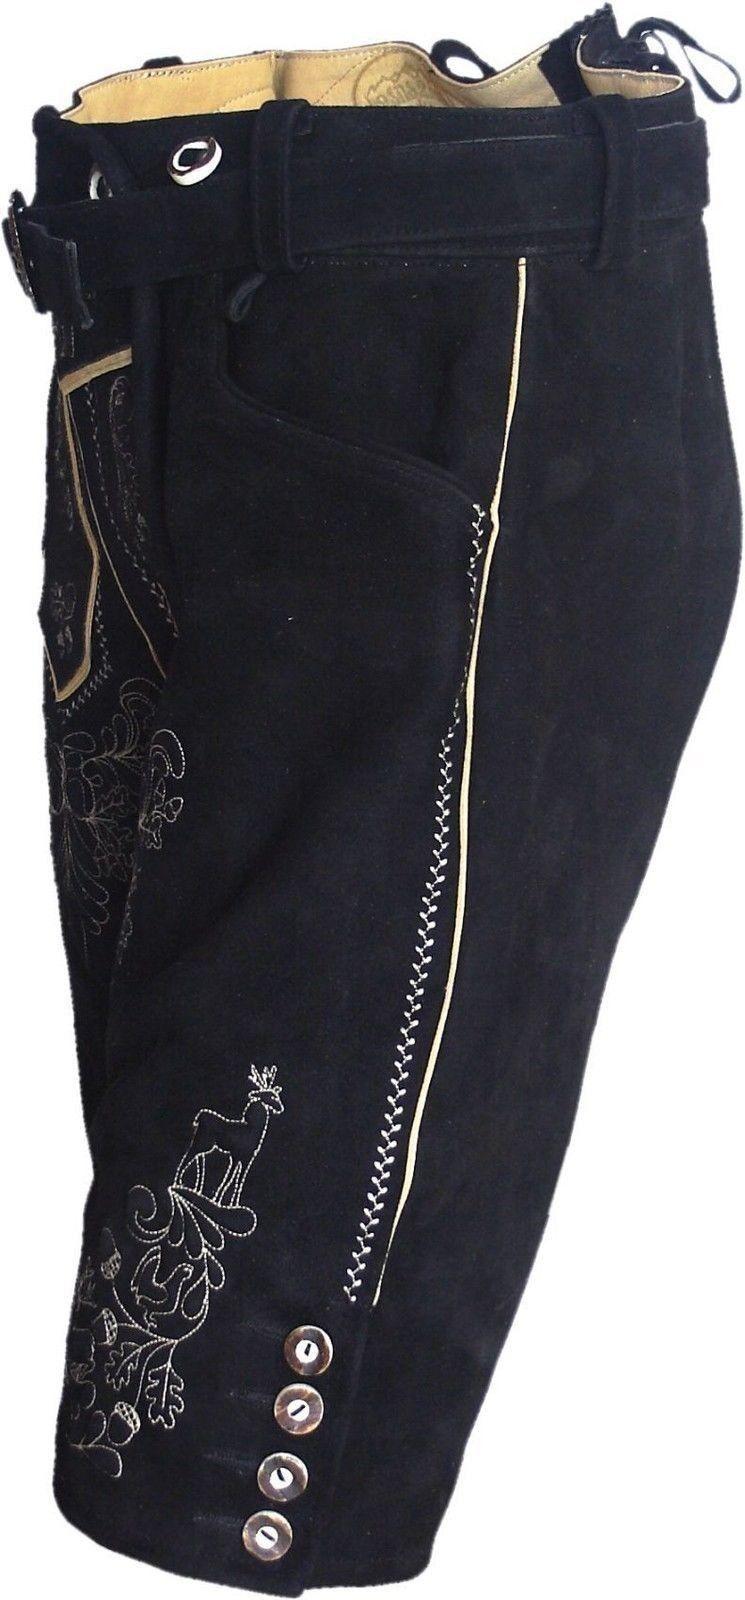 Breve Breve Breve Trachten Lederhose travi platter Pantaloni Wild CAVALLETTO PELLE NERO RICAMATO 8d063d